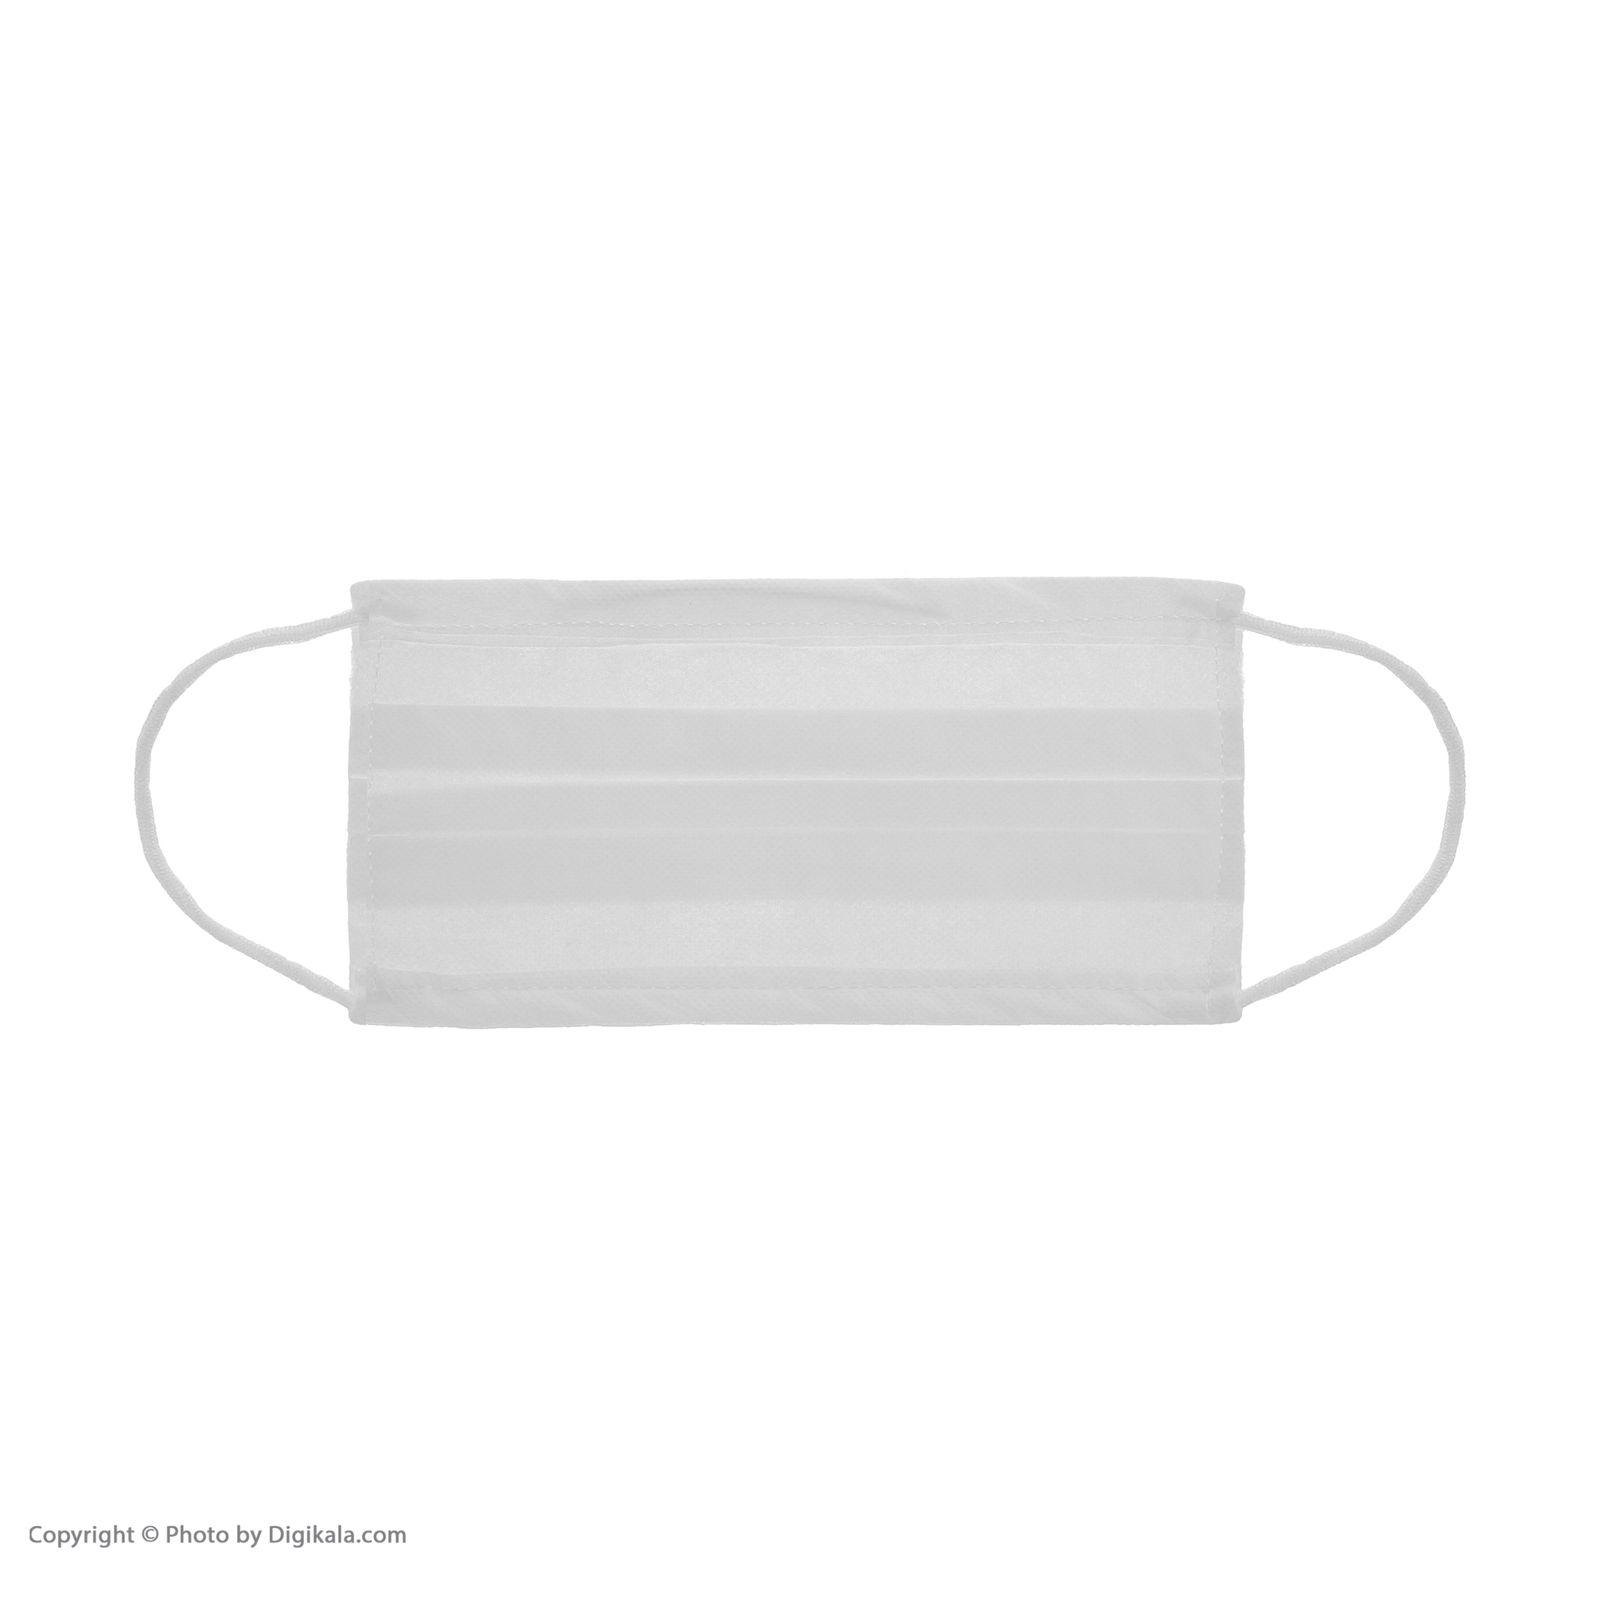 ماسک تنفسی مدل M03 بسته 50 عددی main 1 6